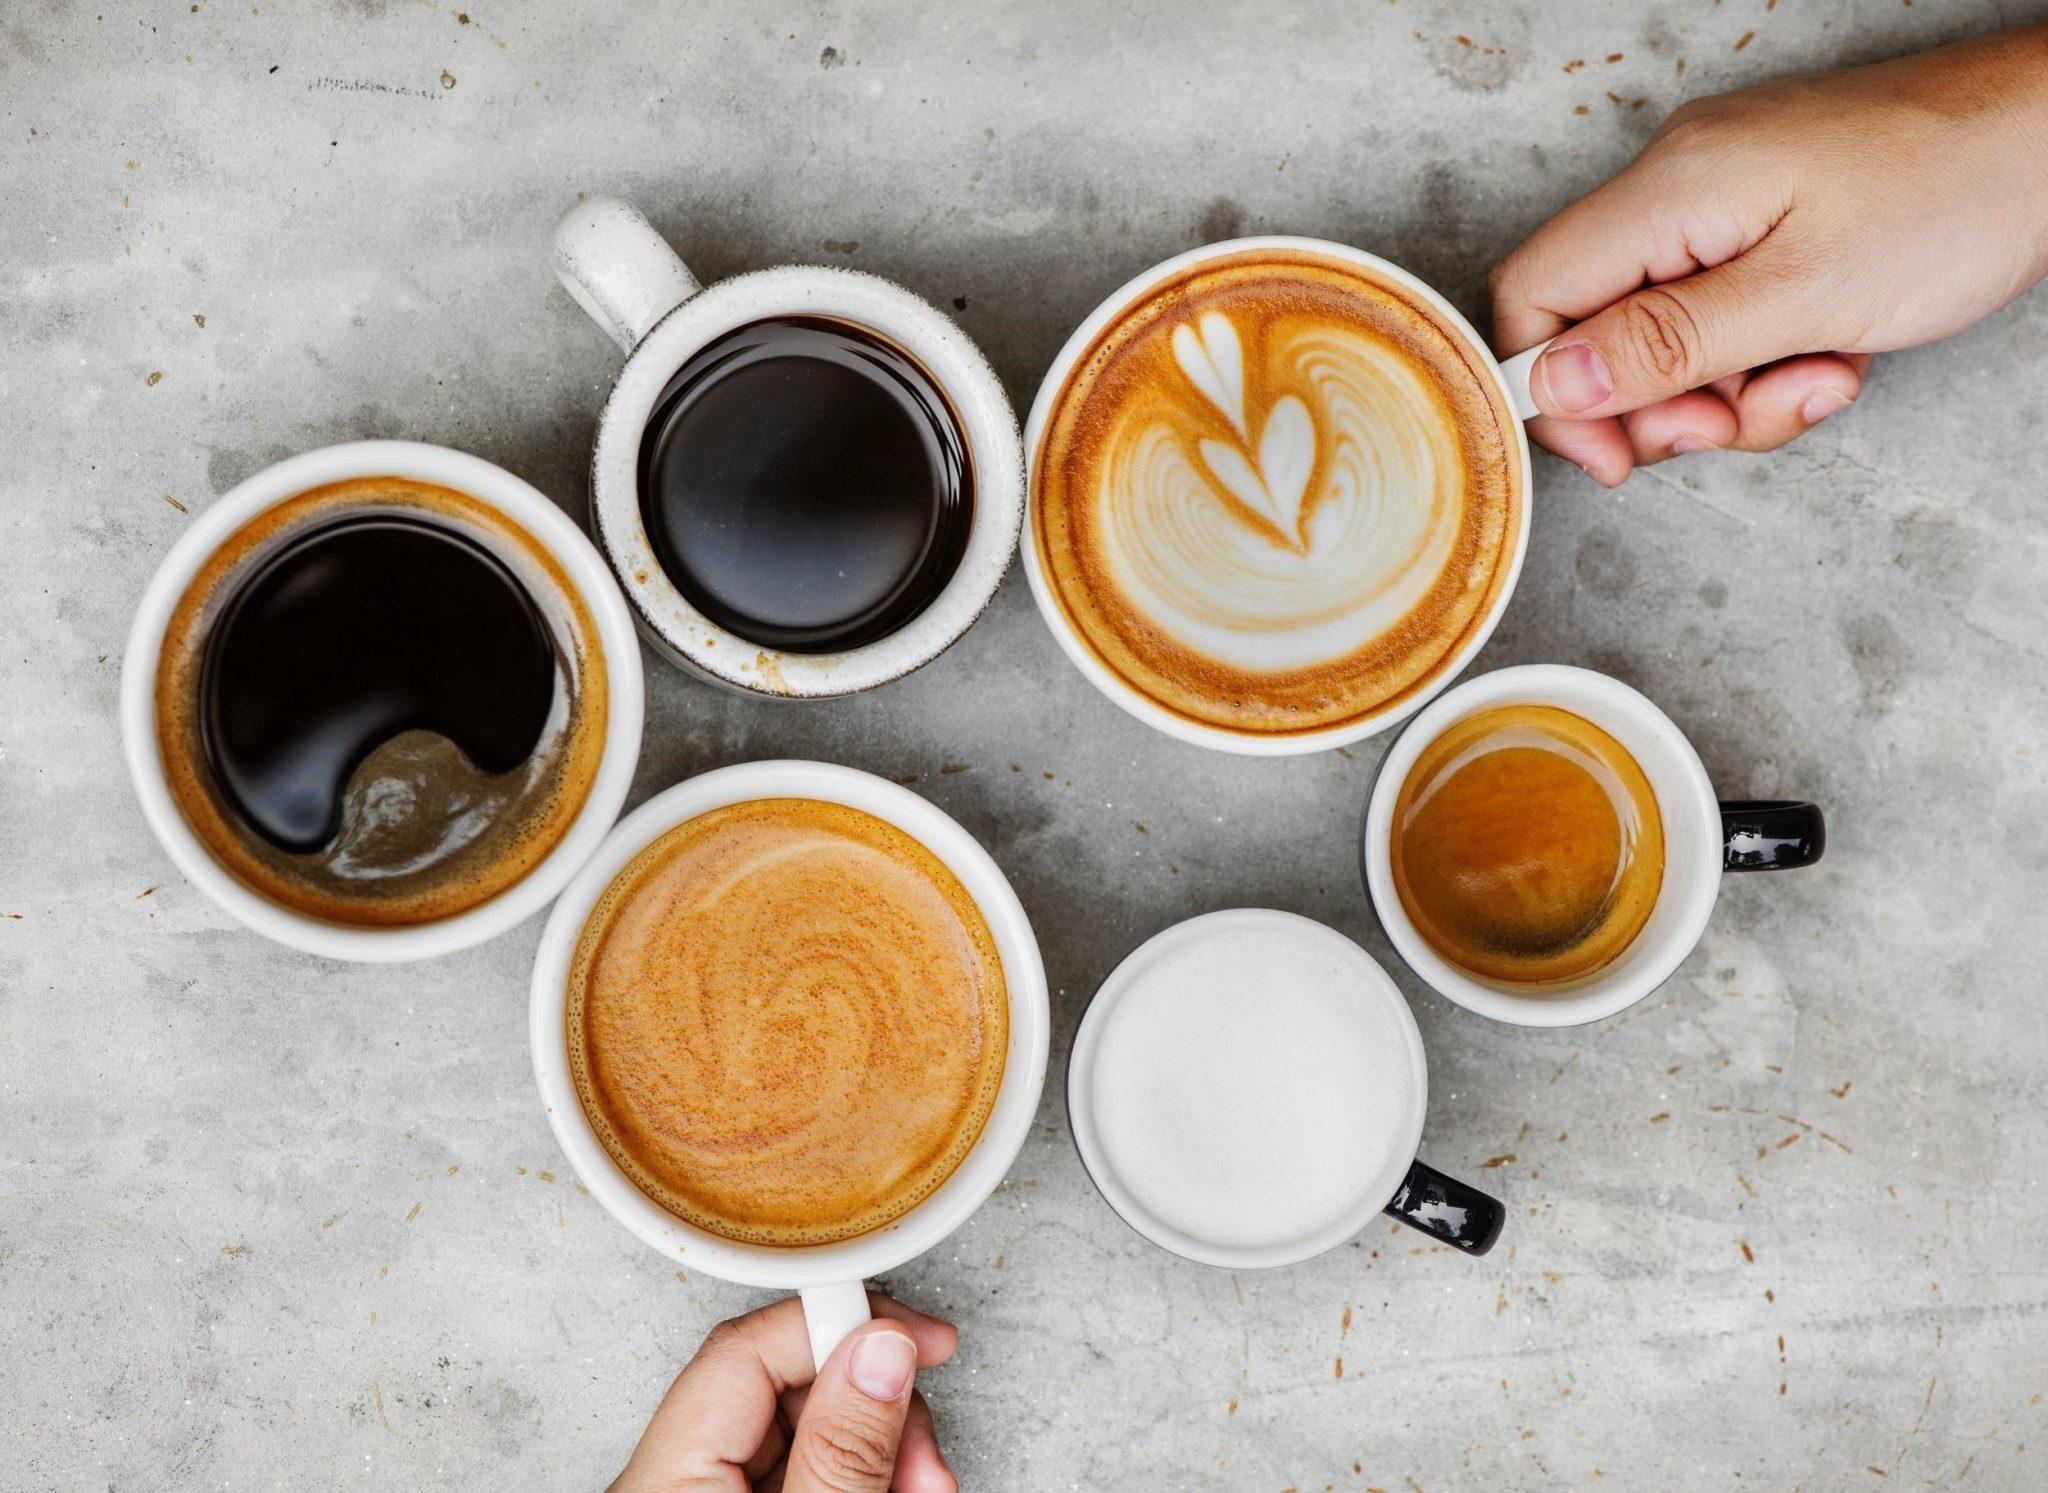 capuccinos y cafes de filtro